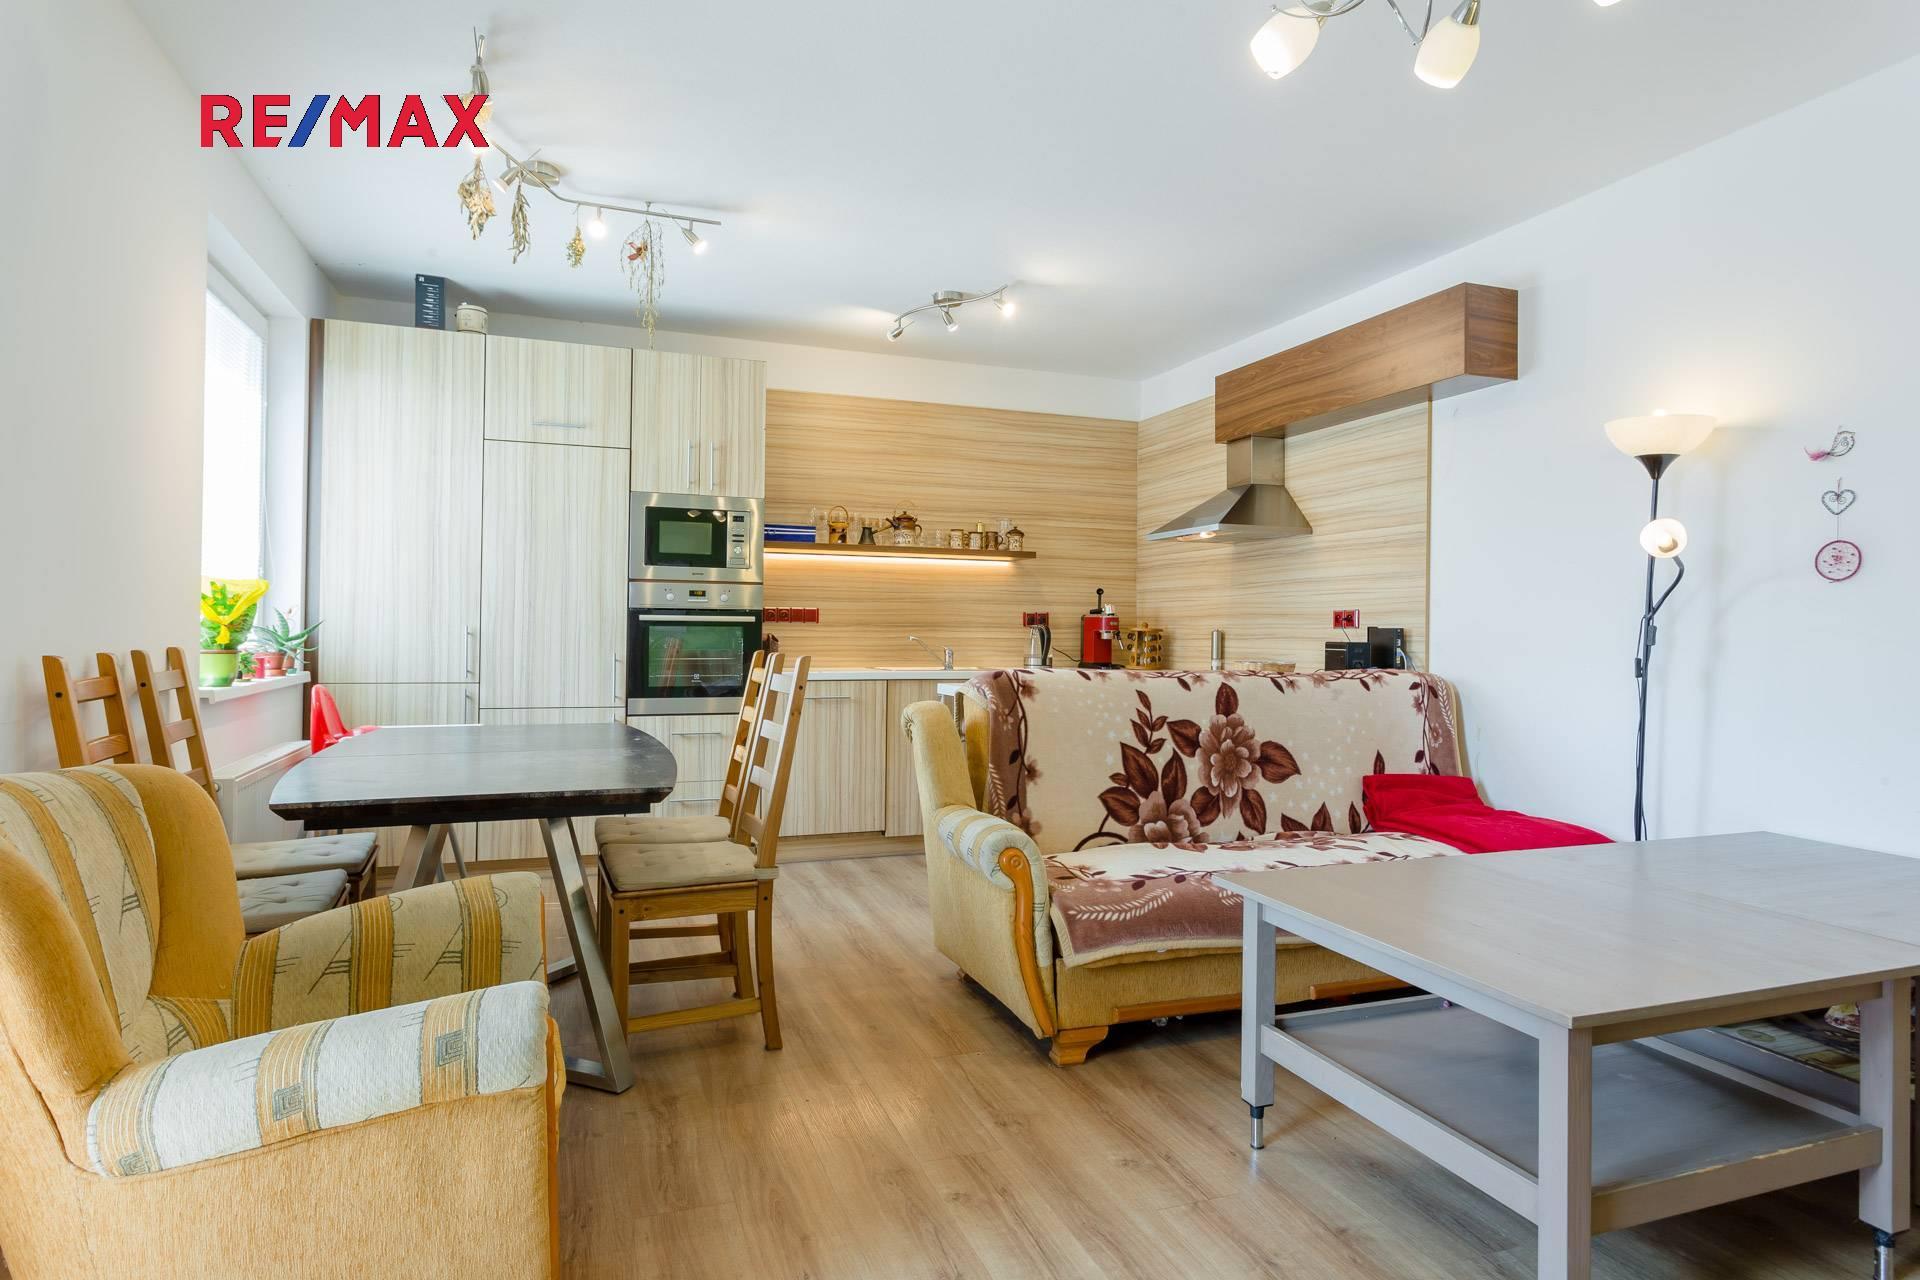 Prodej bytu 4+kk v osobním vlastnictví, 96 m2, Tišnov